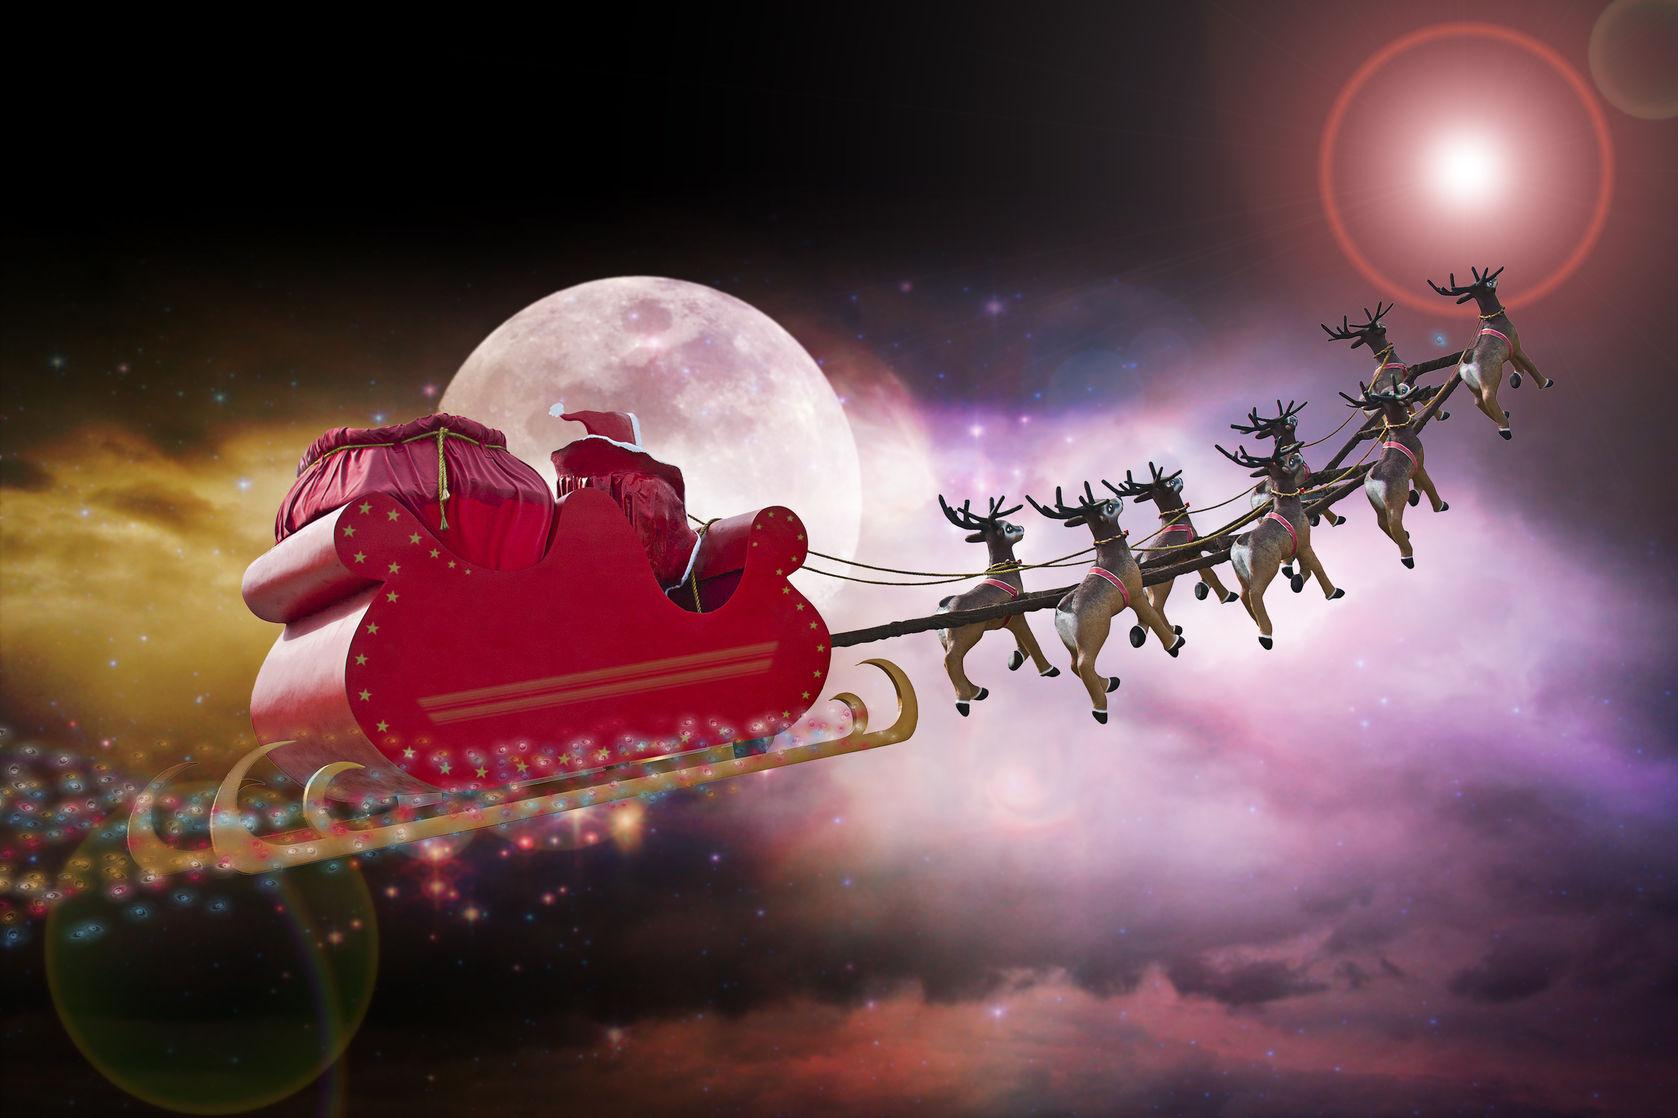 santa riding a sleigh